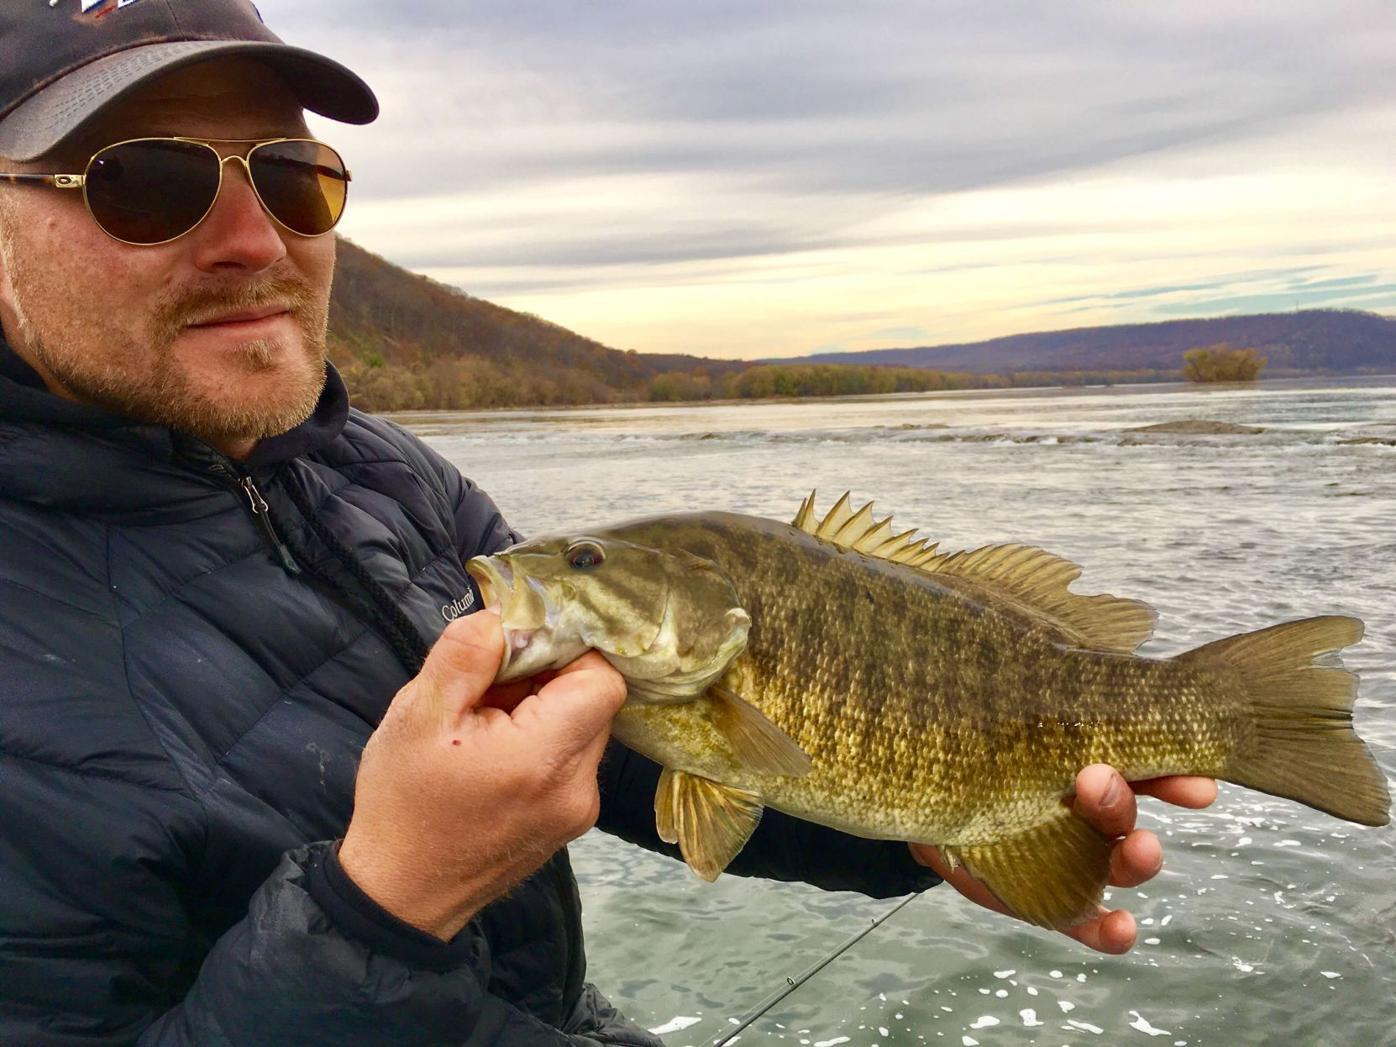 Susquehanna bass